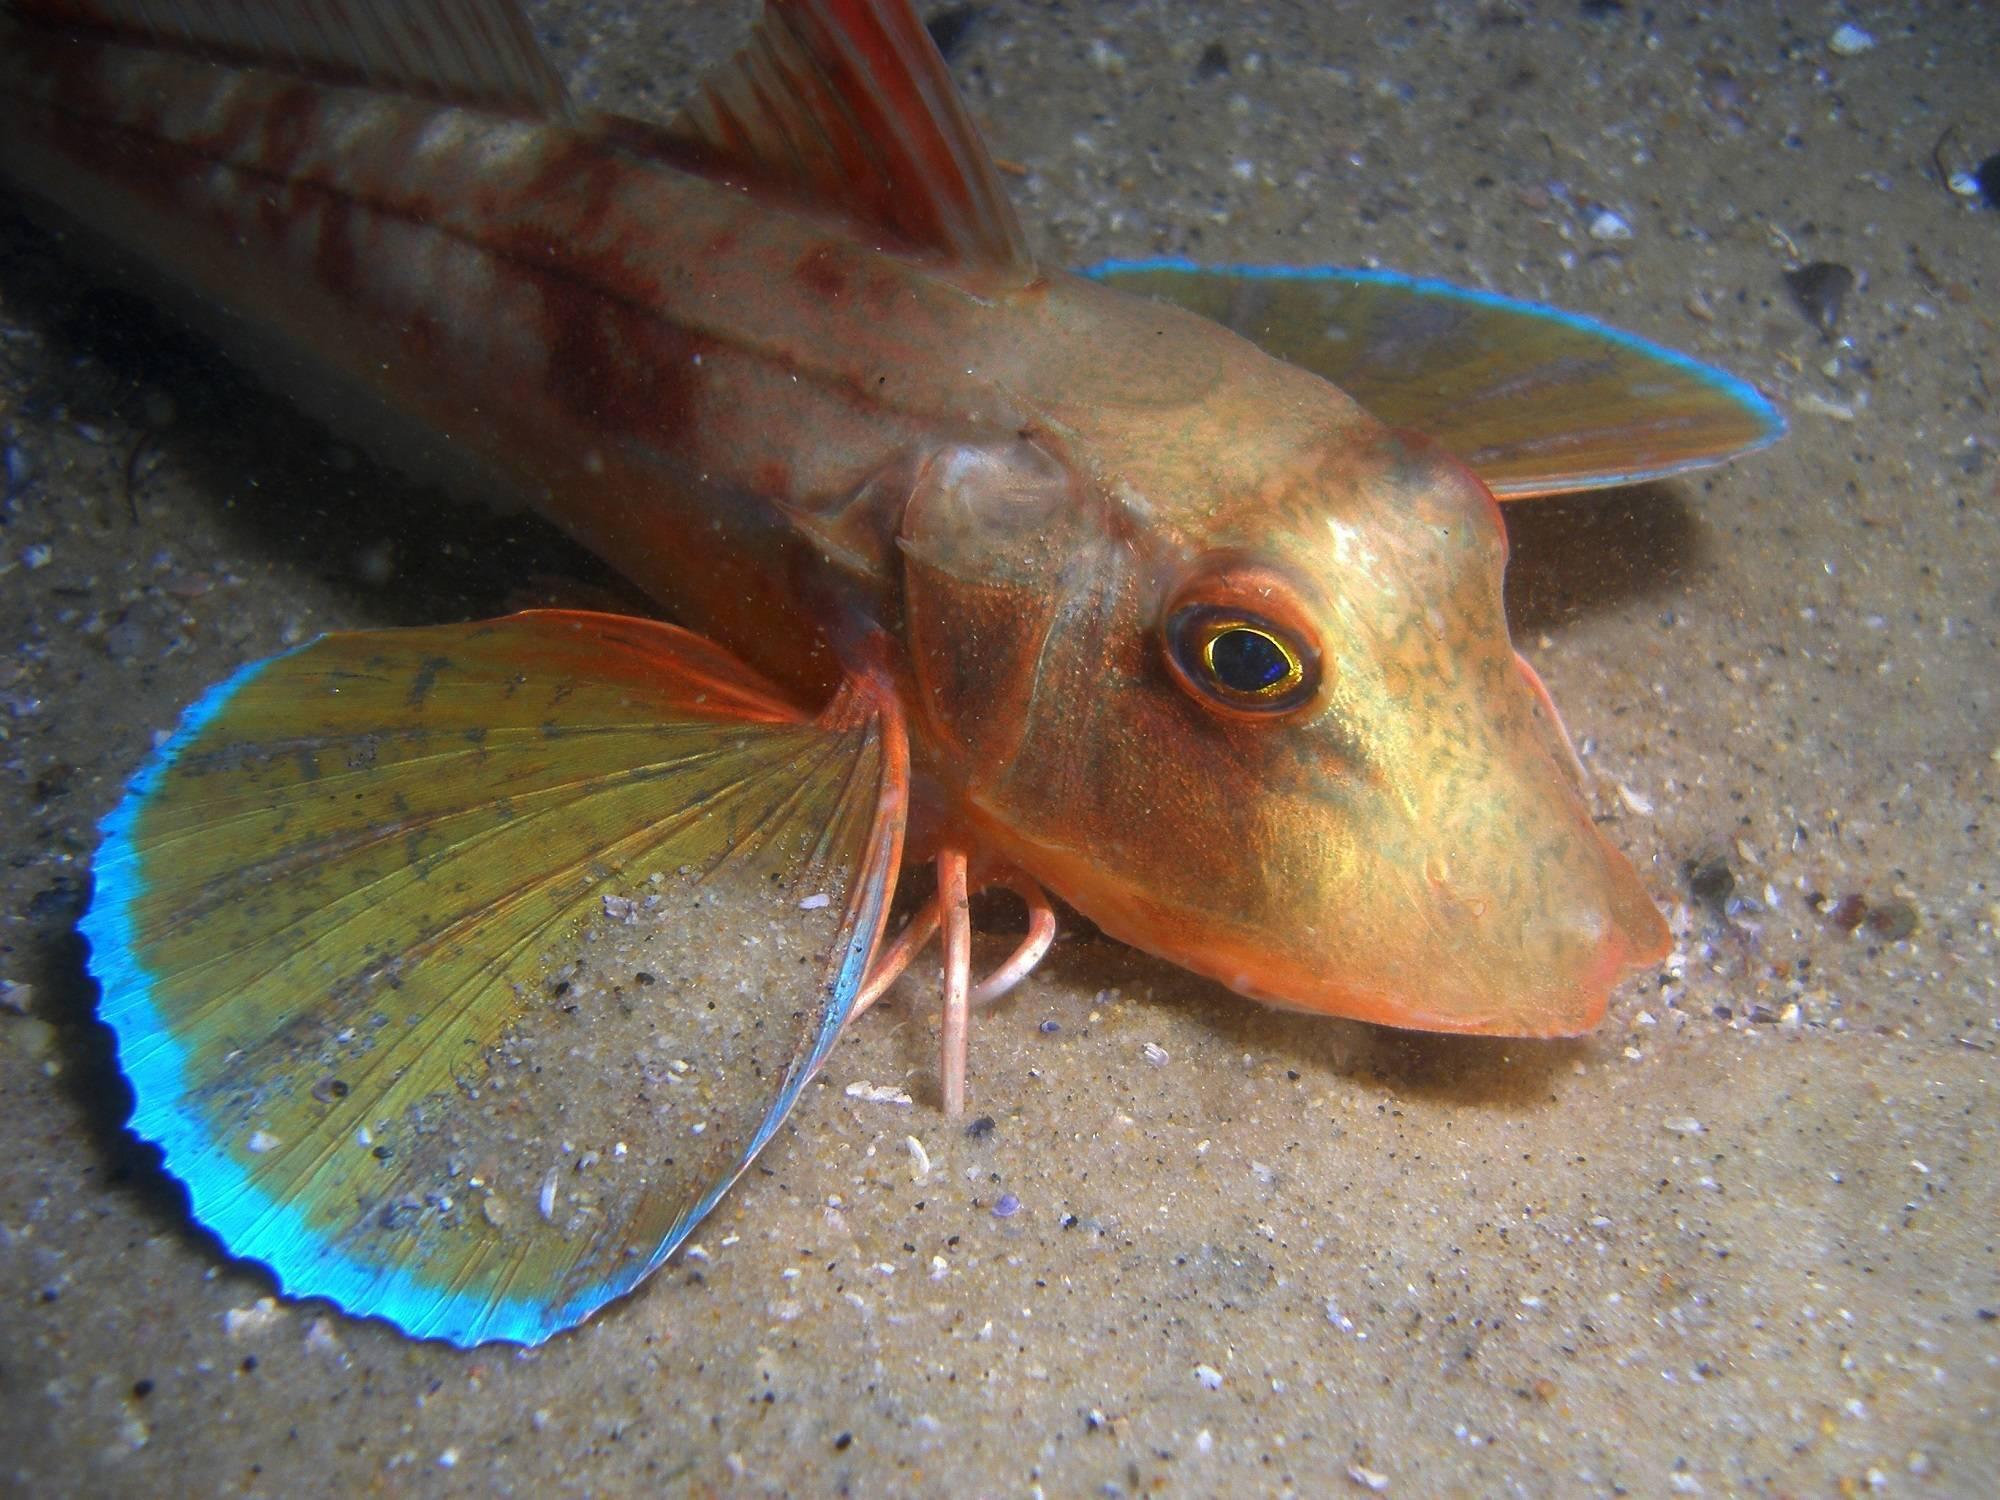 Рыбка пискун: описание и среда обитания, питание и различные виды вьюнка